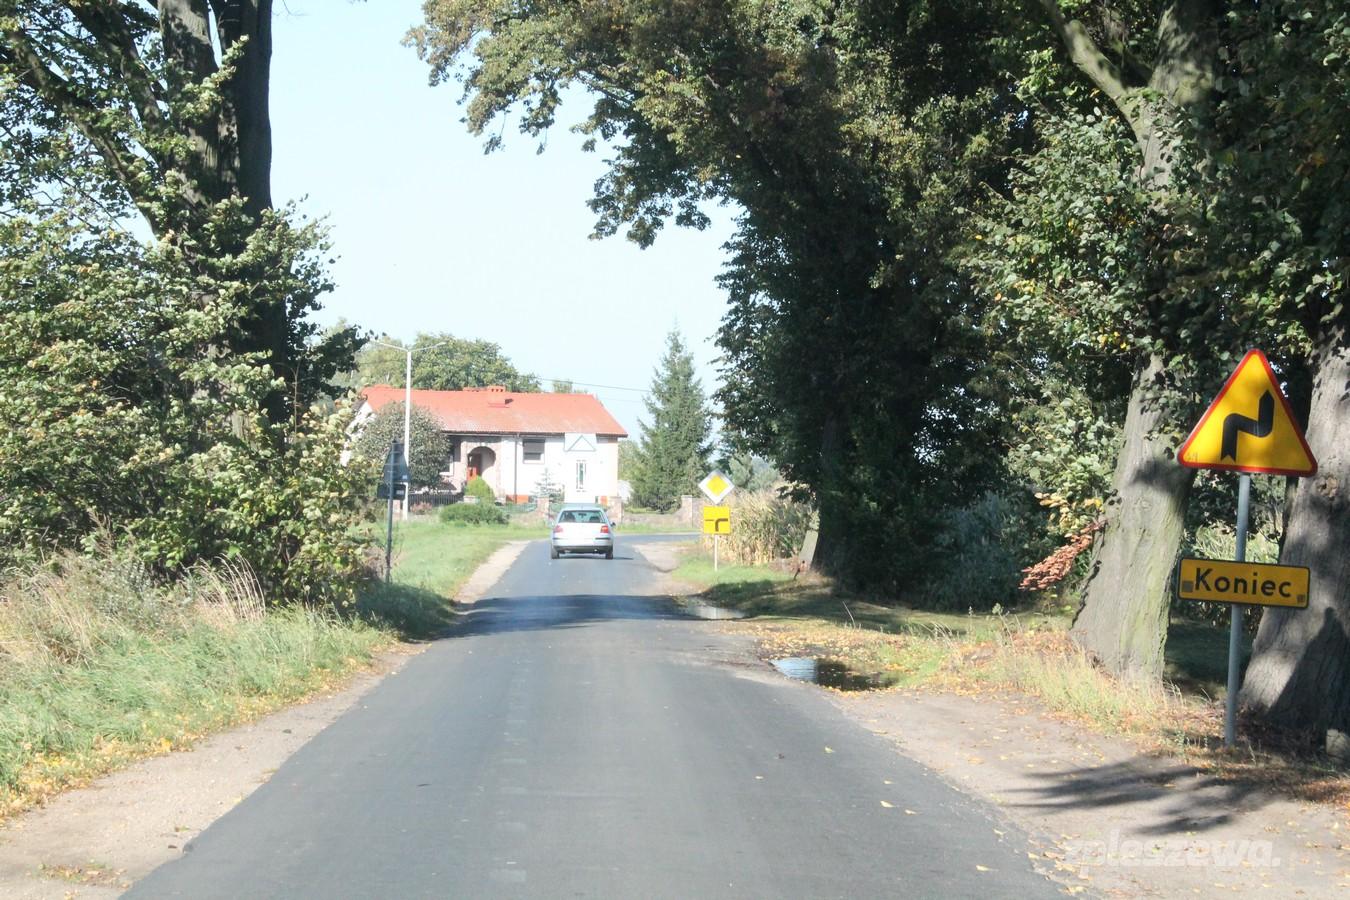 Suchorzew. Wkrótce ruszy kolejny etap remontu drogi powiatowej [ZDJĘCIA] - Zdjęcie główne